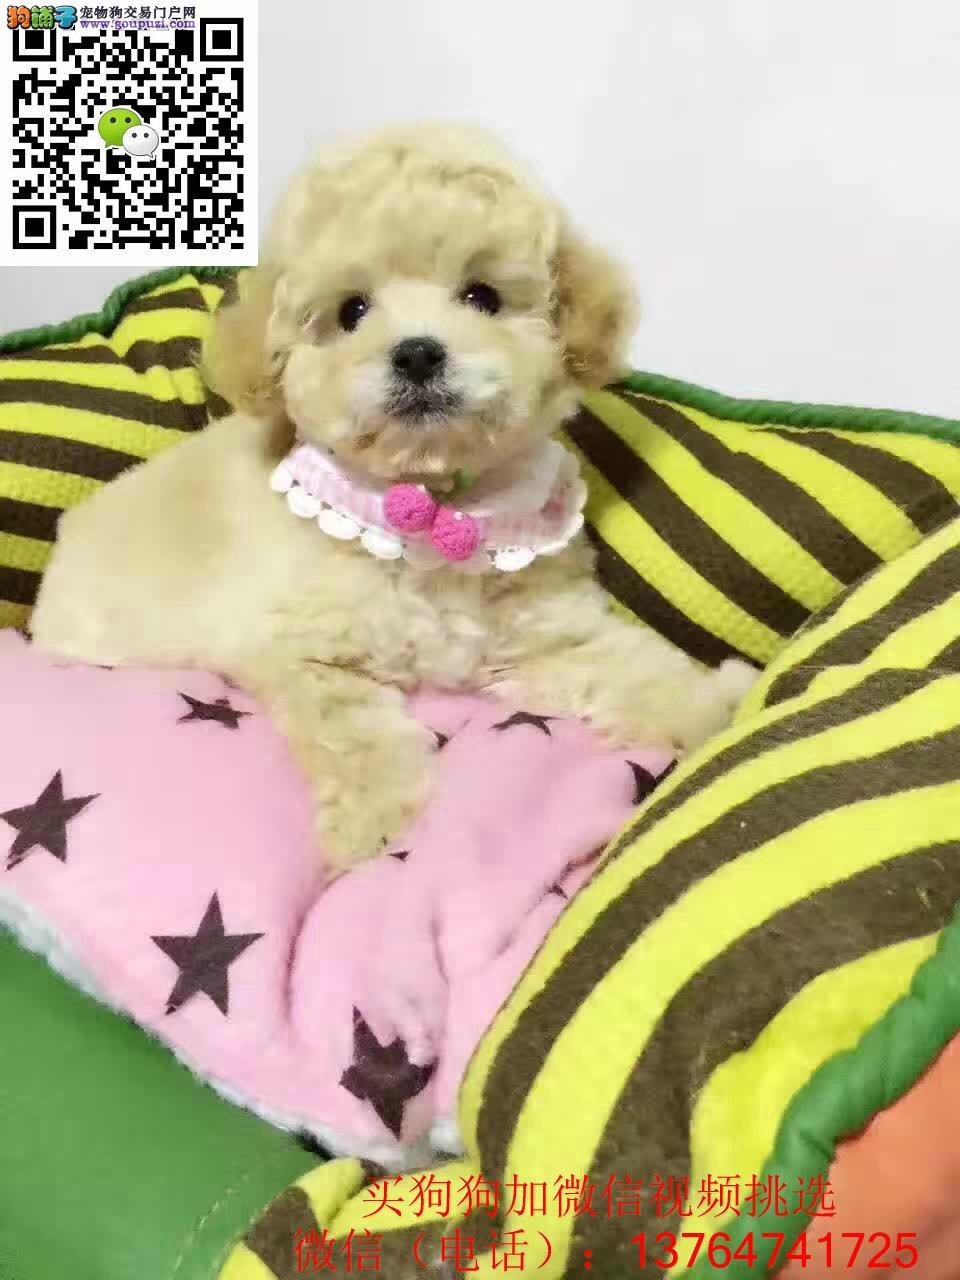 合肥泰迪犬价格出售 合肥泰迪幼犬多少钱